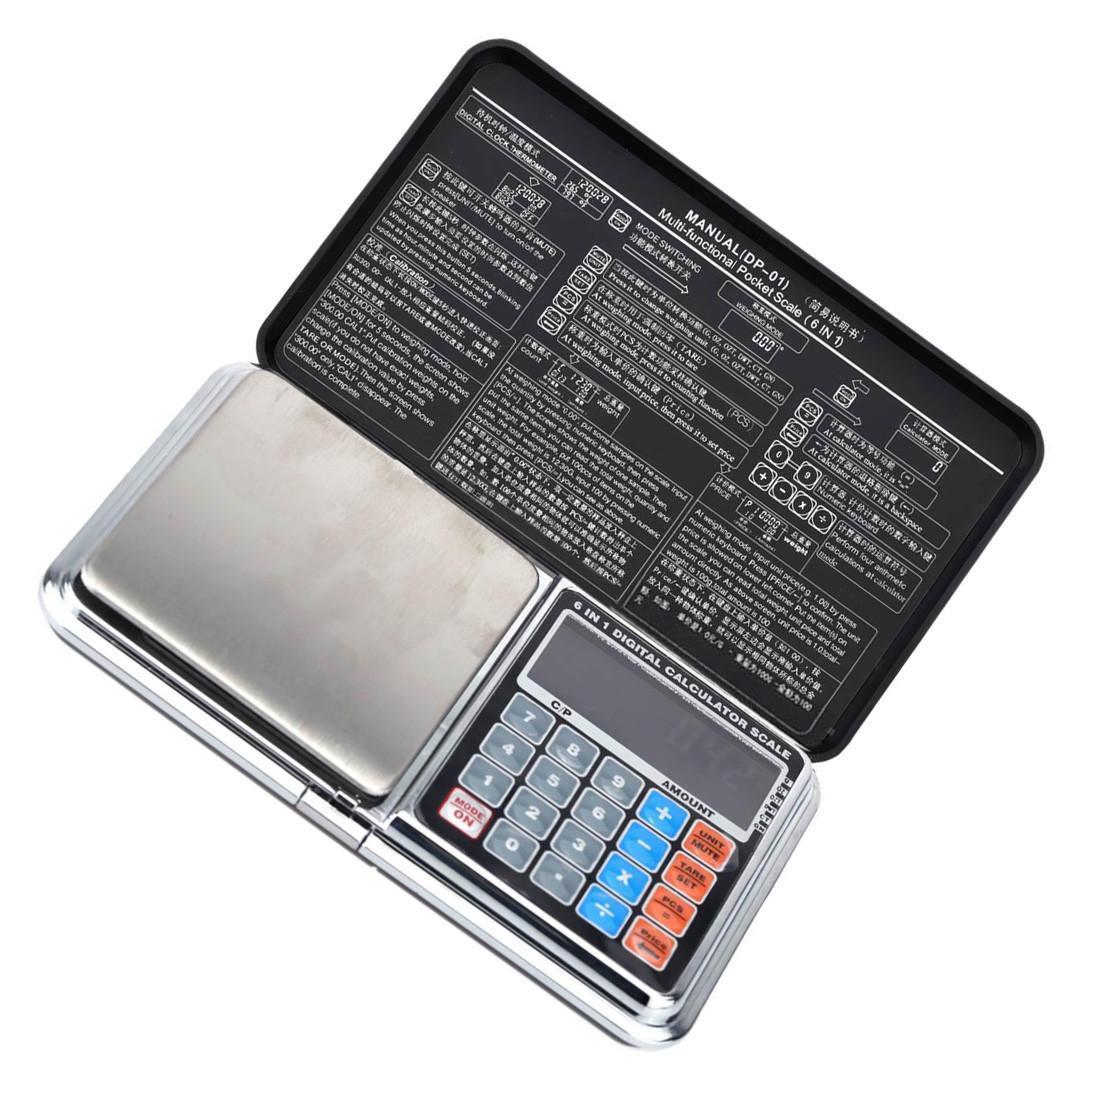 Ювелирные весы DP-01 1000g/0.1g